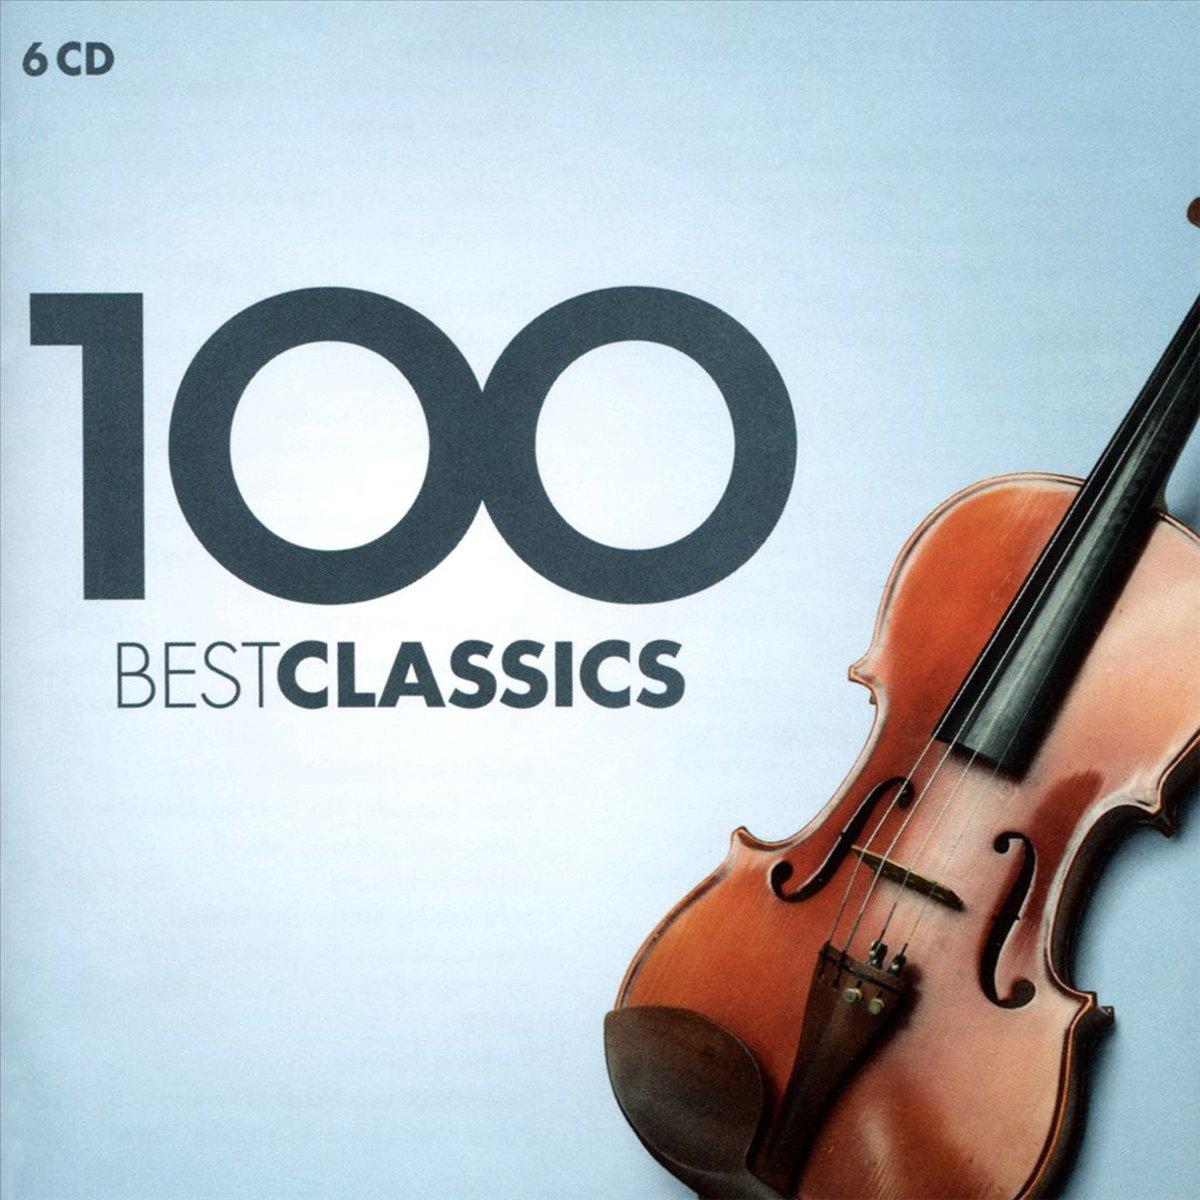 100 Best Classics kopen